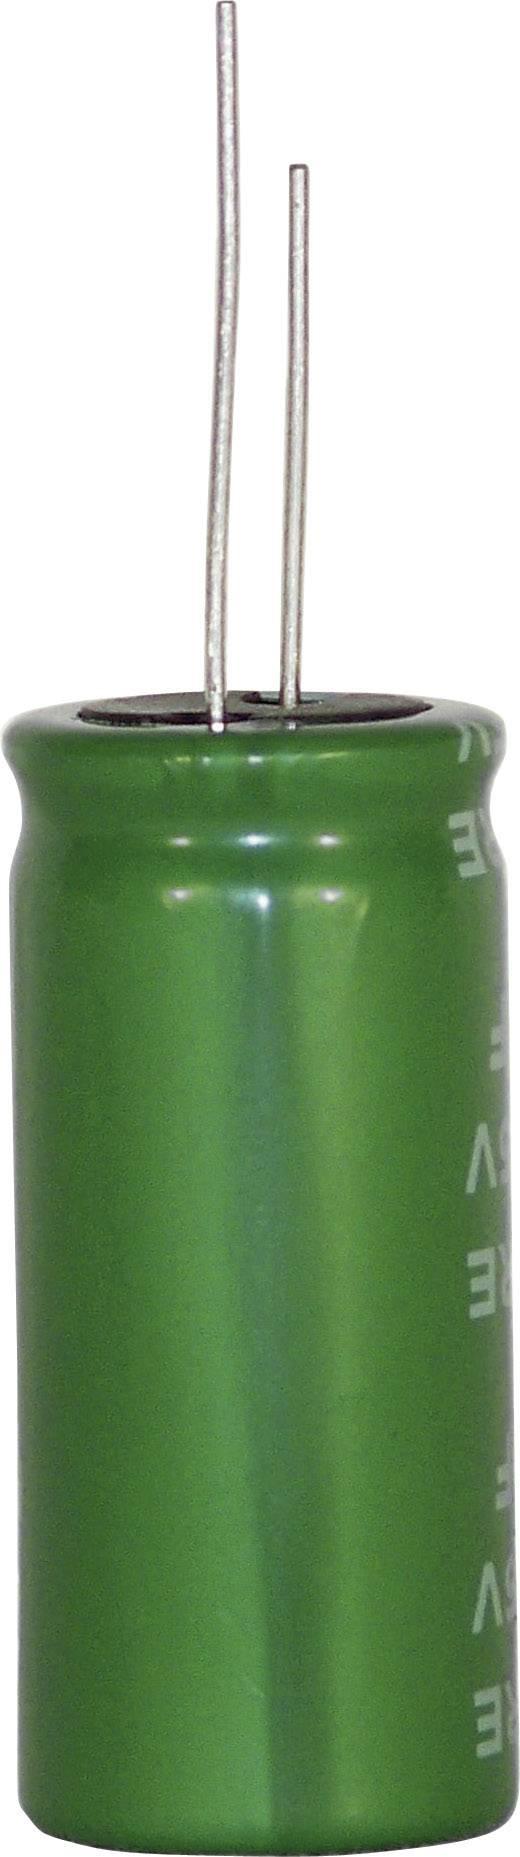 Kondenzátor elektrolytický 2-vrstvový DRE335S0EG20RRDAP, 3,3 F, 2,5 V, 20 %, 20 x 10 mm